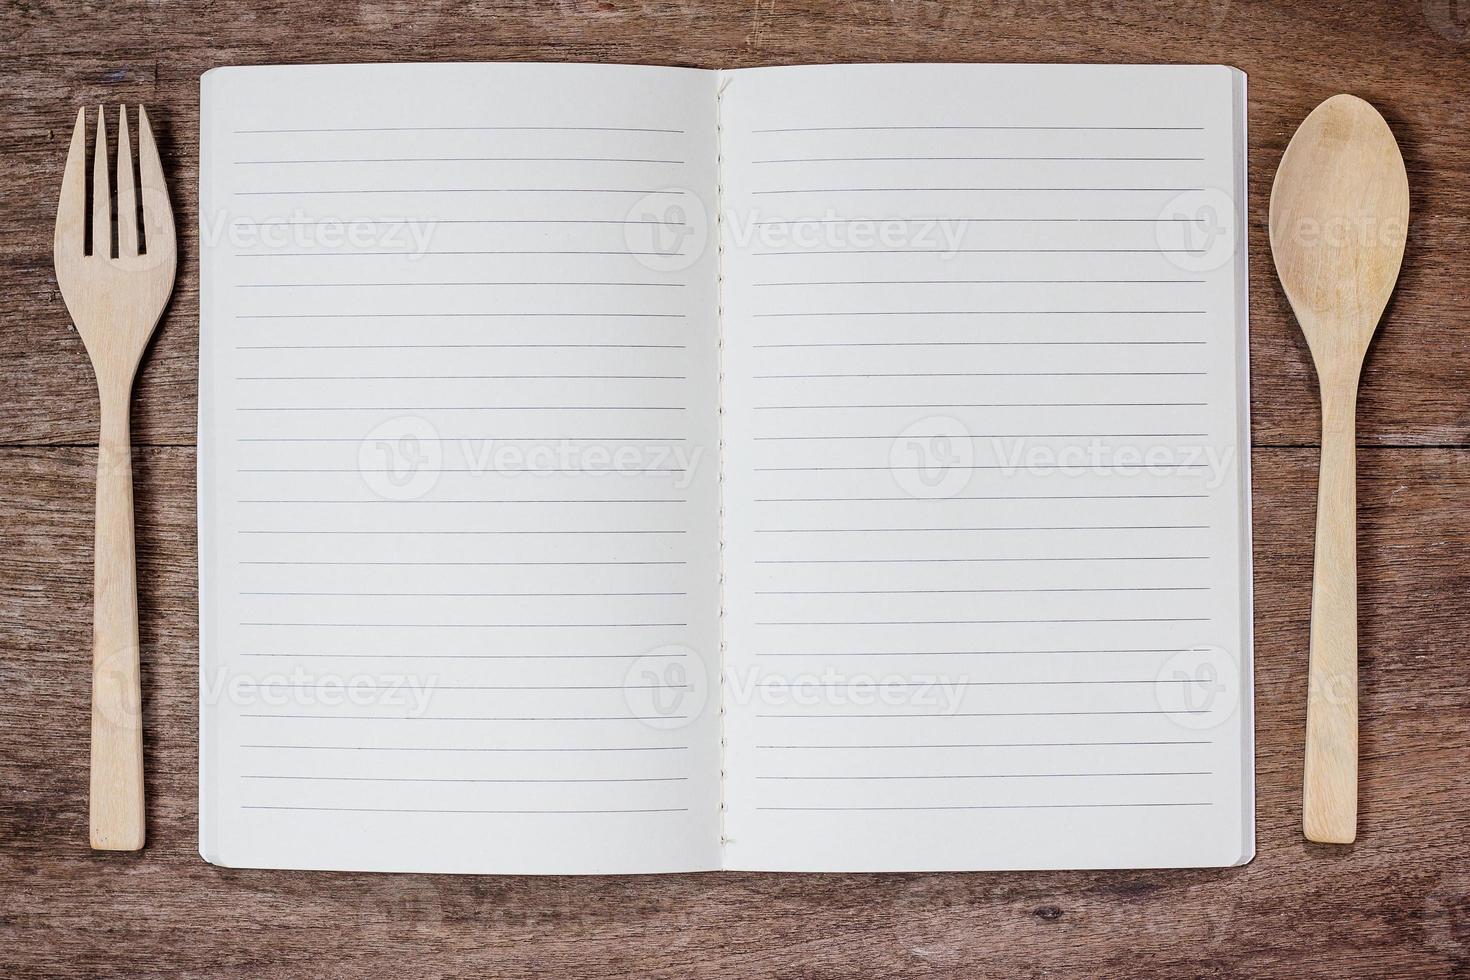 receptenboek en lepel, vork op houten foto